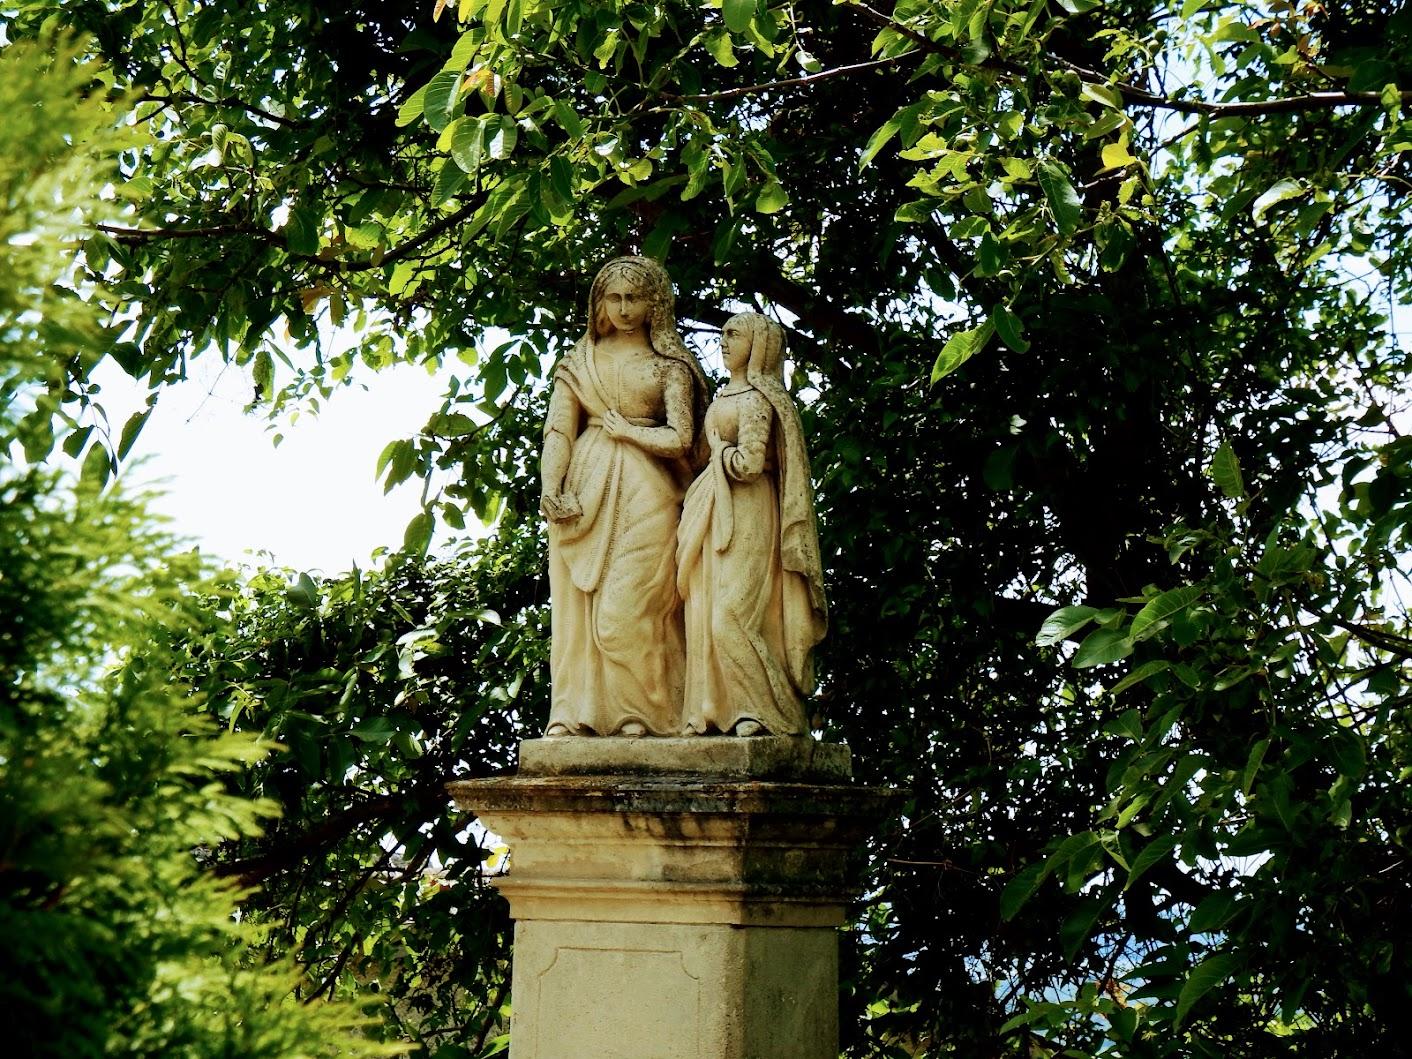 Lendavske Gorice (Lendvahegy) - kip sv. Ane in Marije pre crkvi sv. Trojice (Szent Anna- és Mária-szobor a Szentháromság-templom mellett)